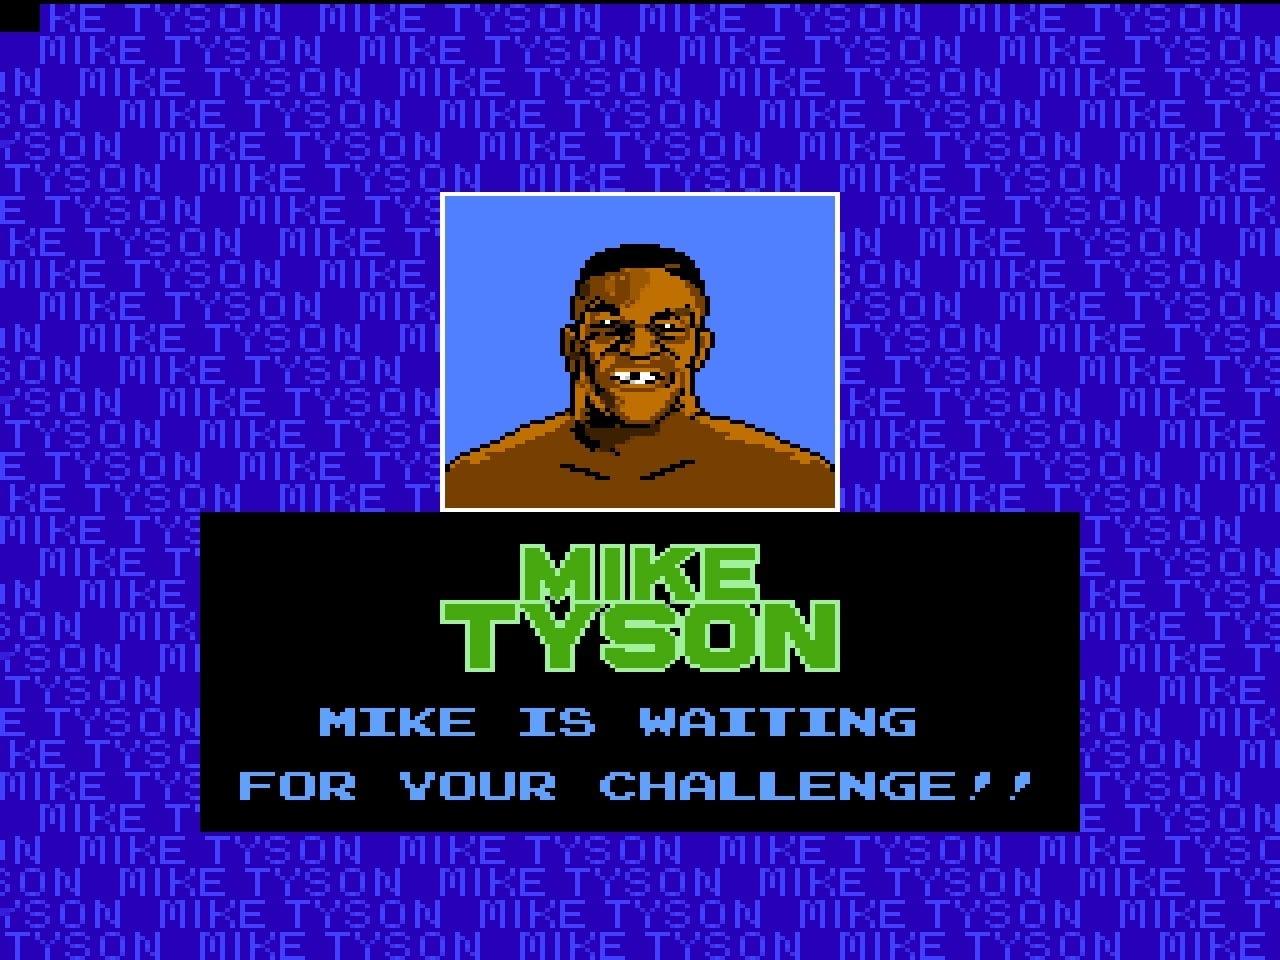 マイク・タイソン氏にも愛着あり? 激ムズのファミコン版『パンチアウト!!』が発売33周年の画像001